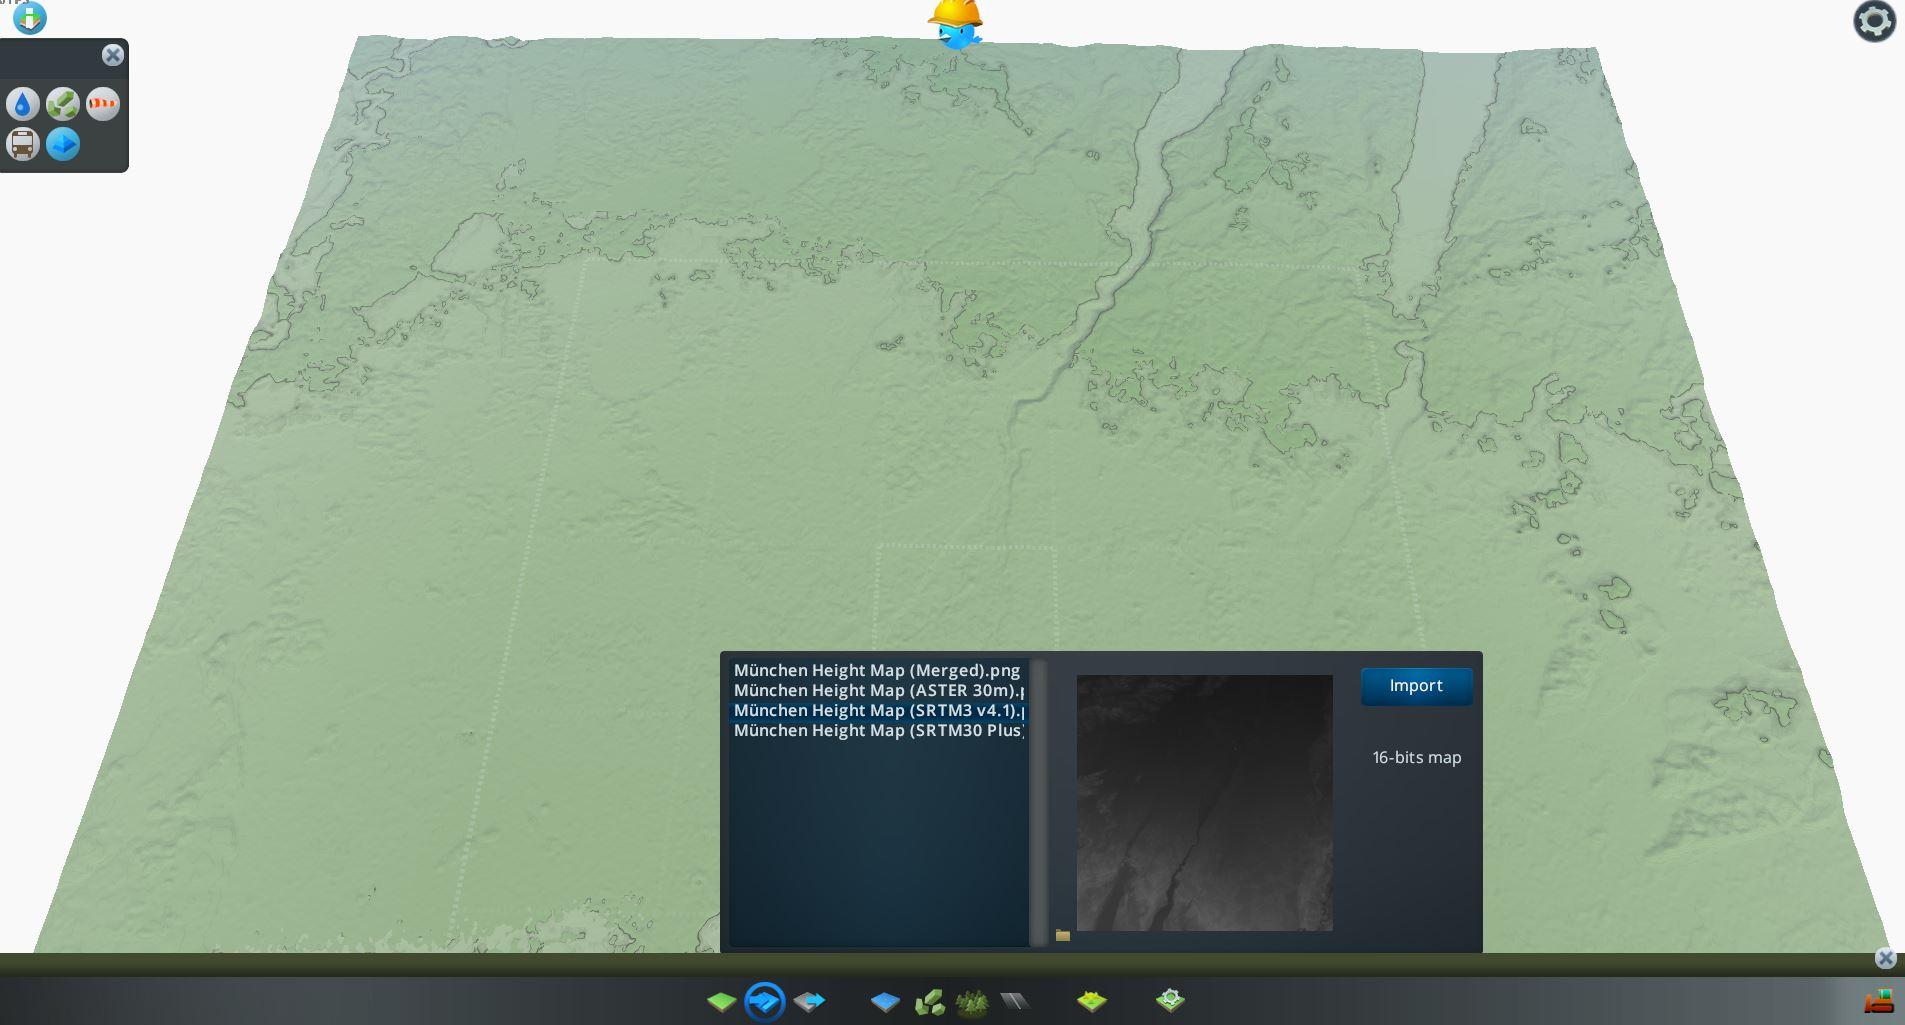 Bild der dritten importierten Heightmap